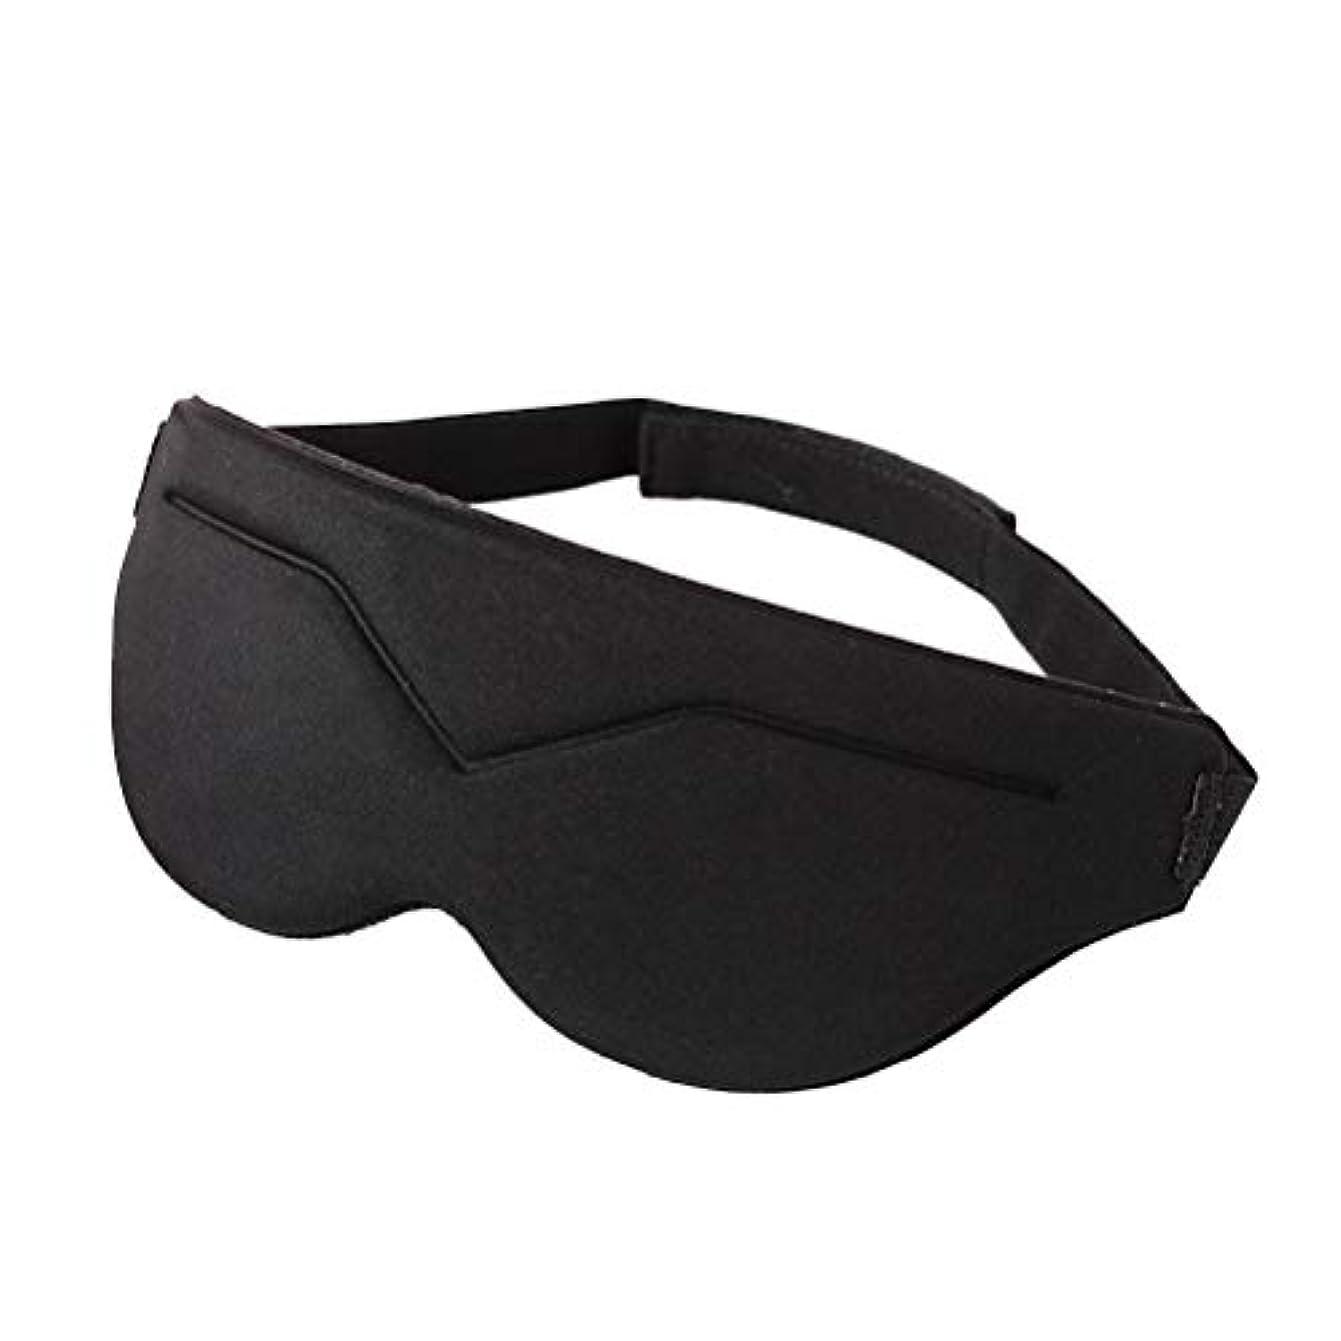 健康肯定的の慈悲でSuvox睡眠マスク3dぬいぐるみアイマスクアロマ目隠しアイカバー用女性男性子供ホームベッドオフィス旅行フライトカーキャンプ